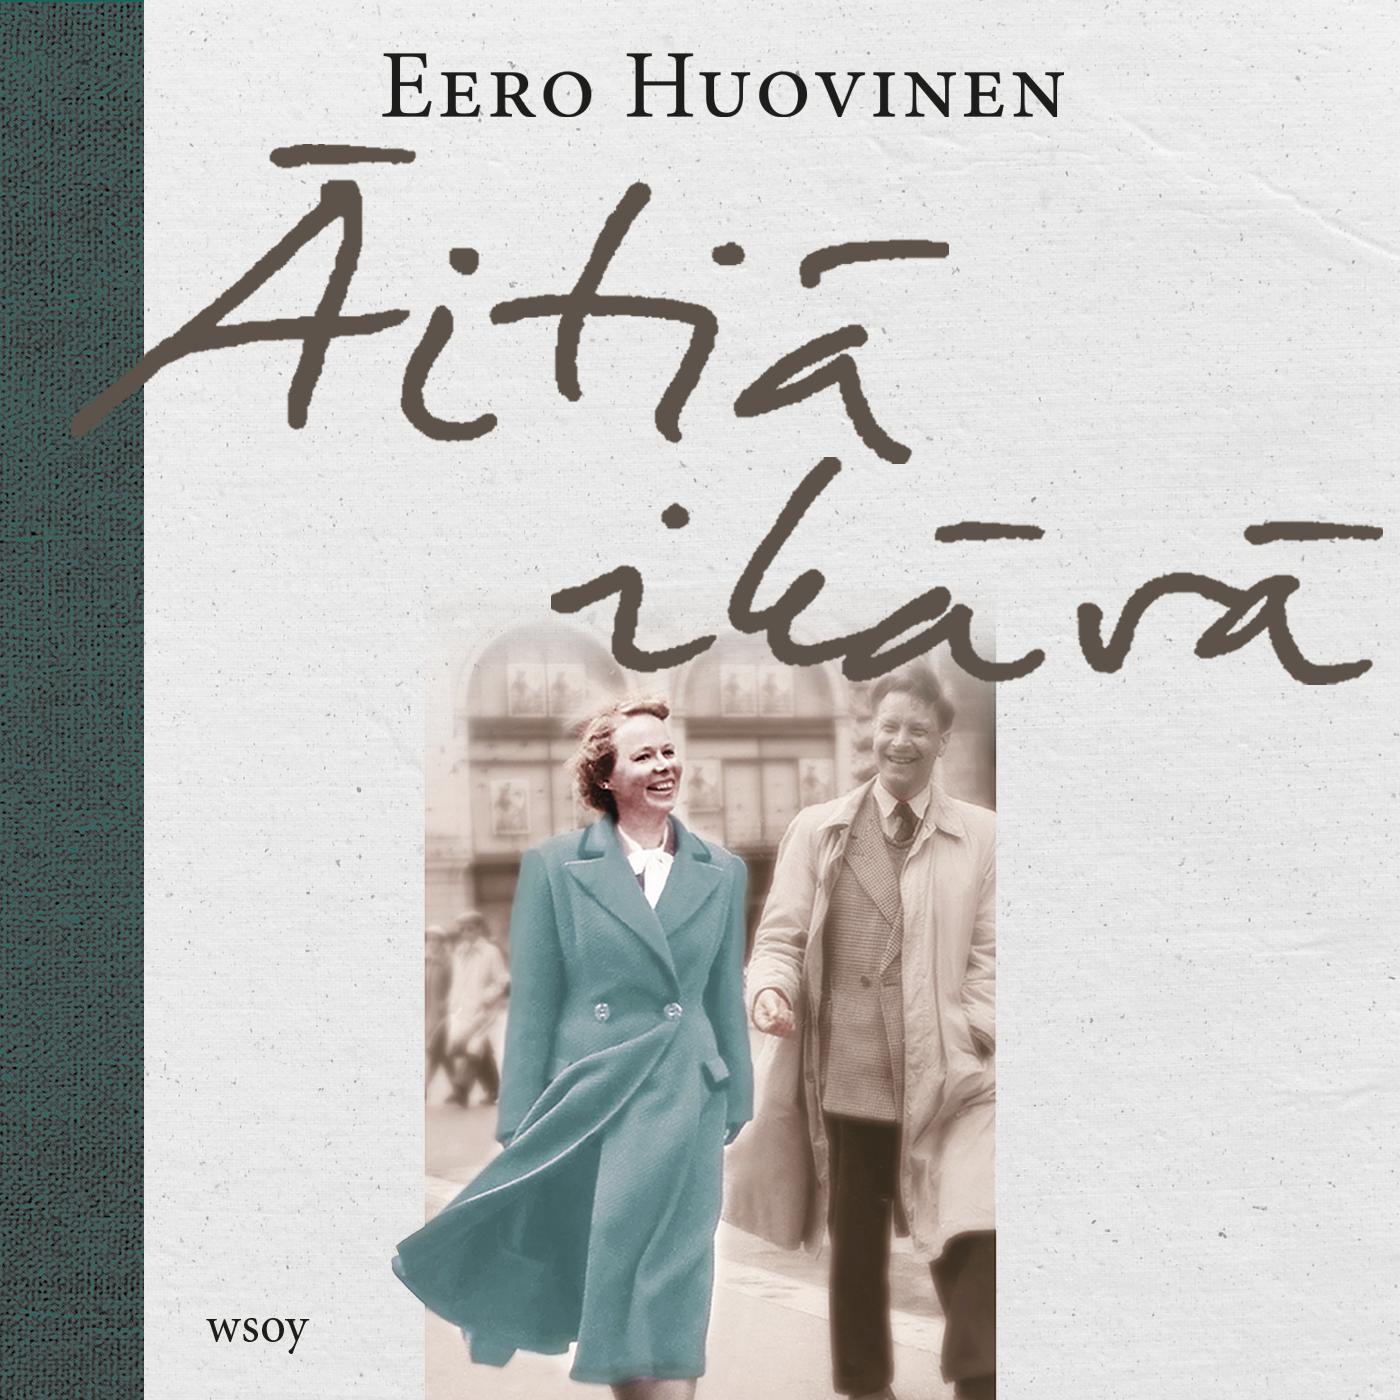 Eero Huovinen: Äitiä ikävä, Wsoy 2020.